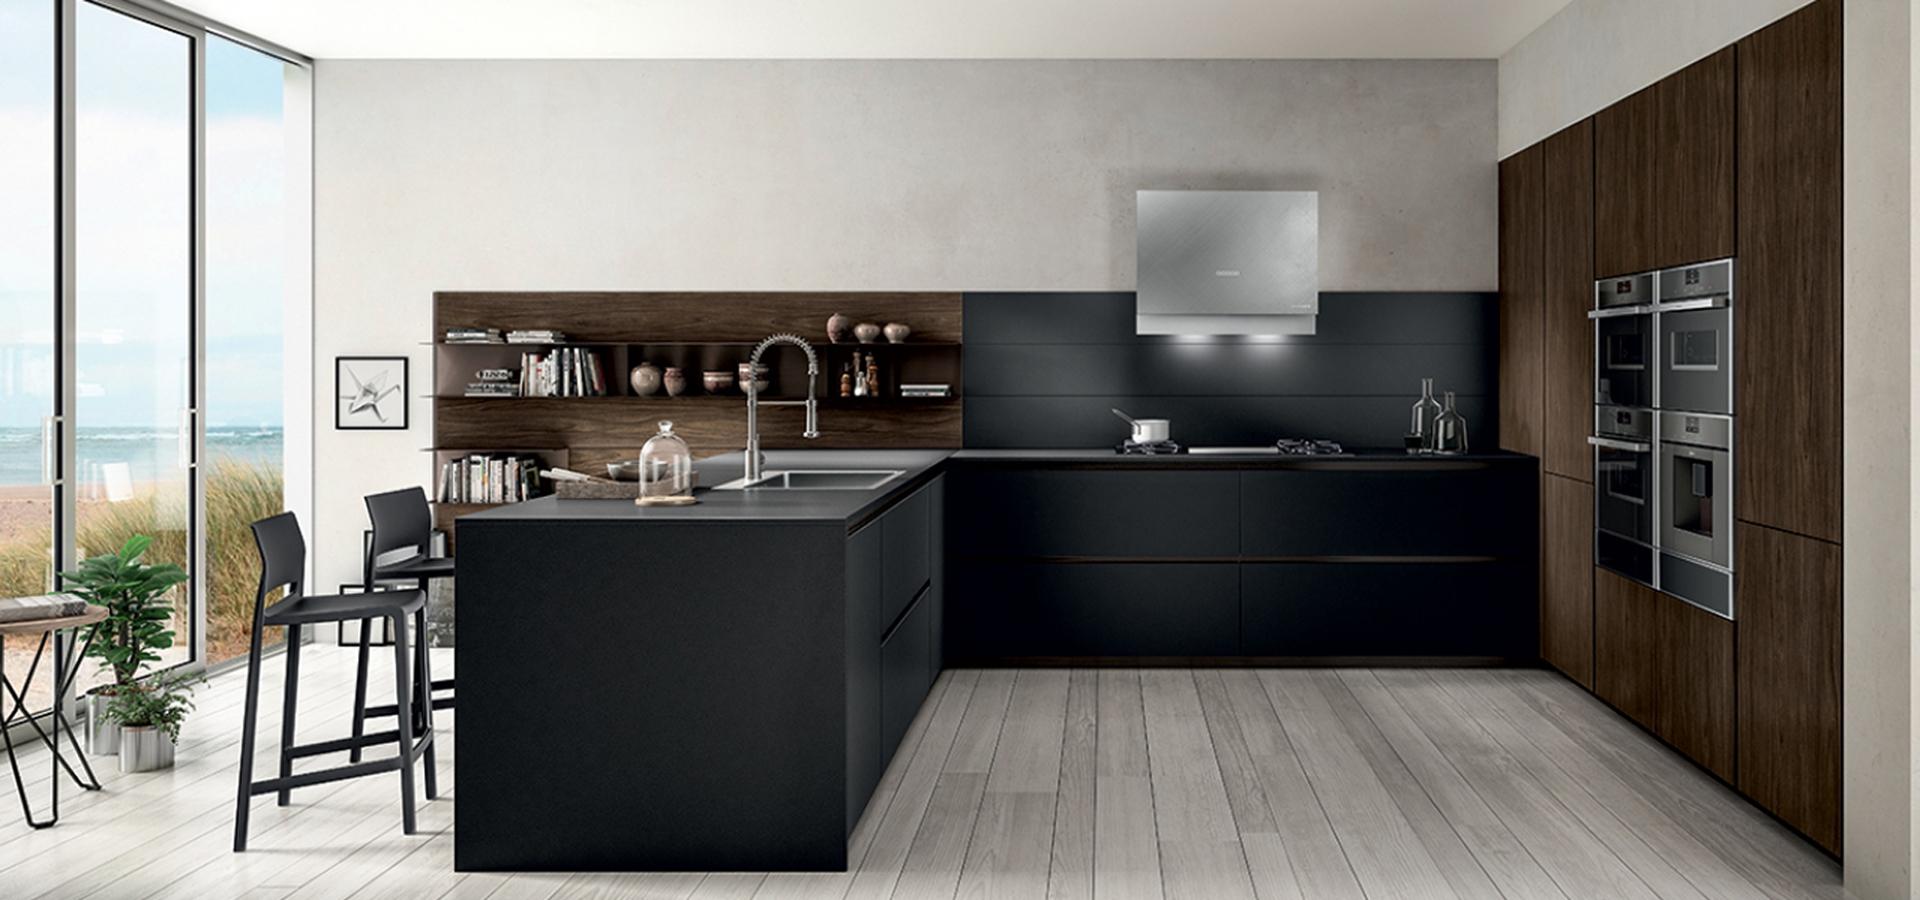 Cucina zetasei di arredo3 righetti mobili novara for Progettazione mobili online